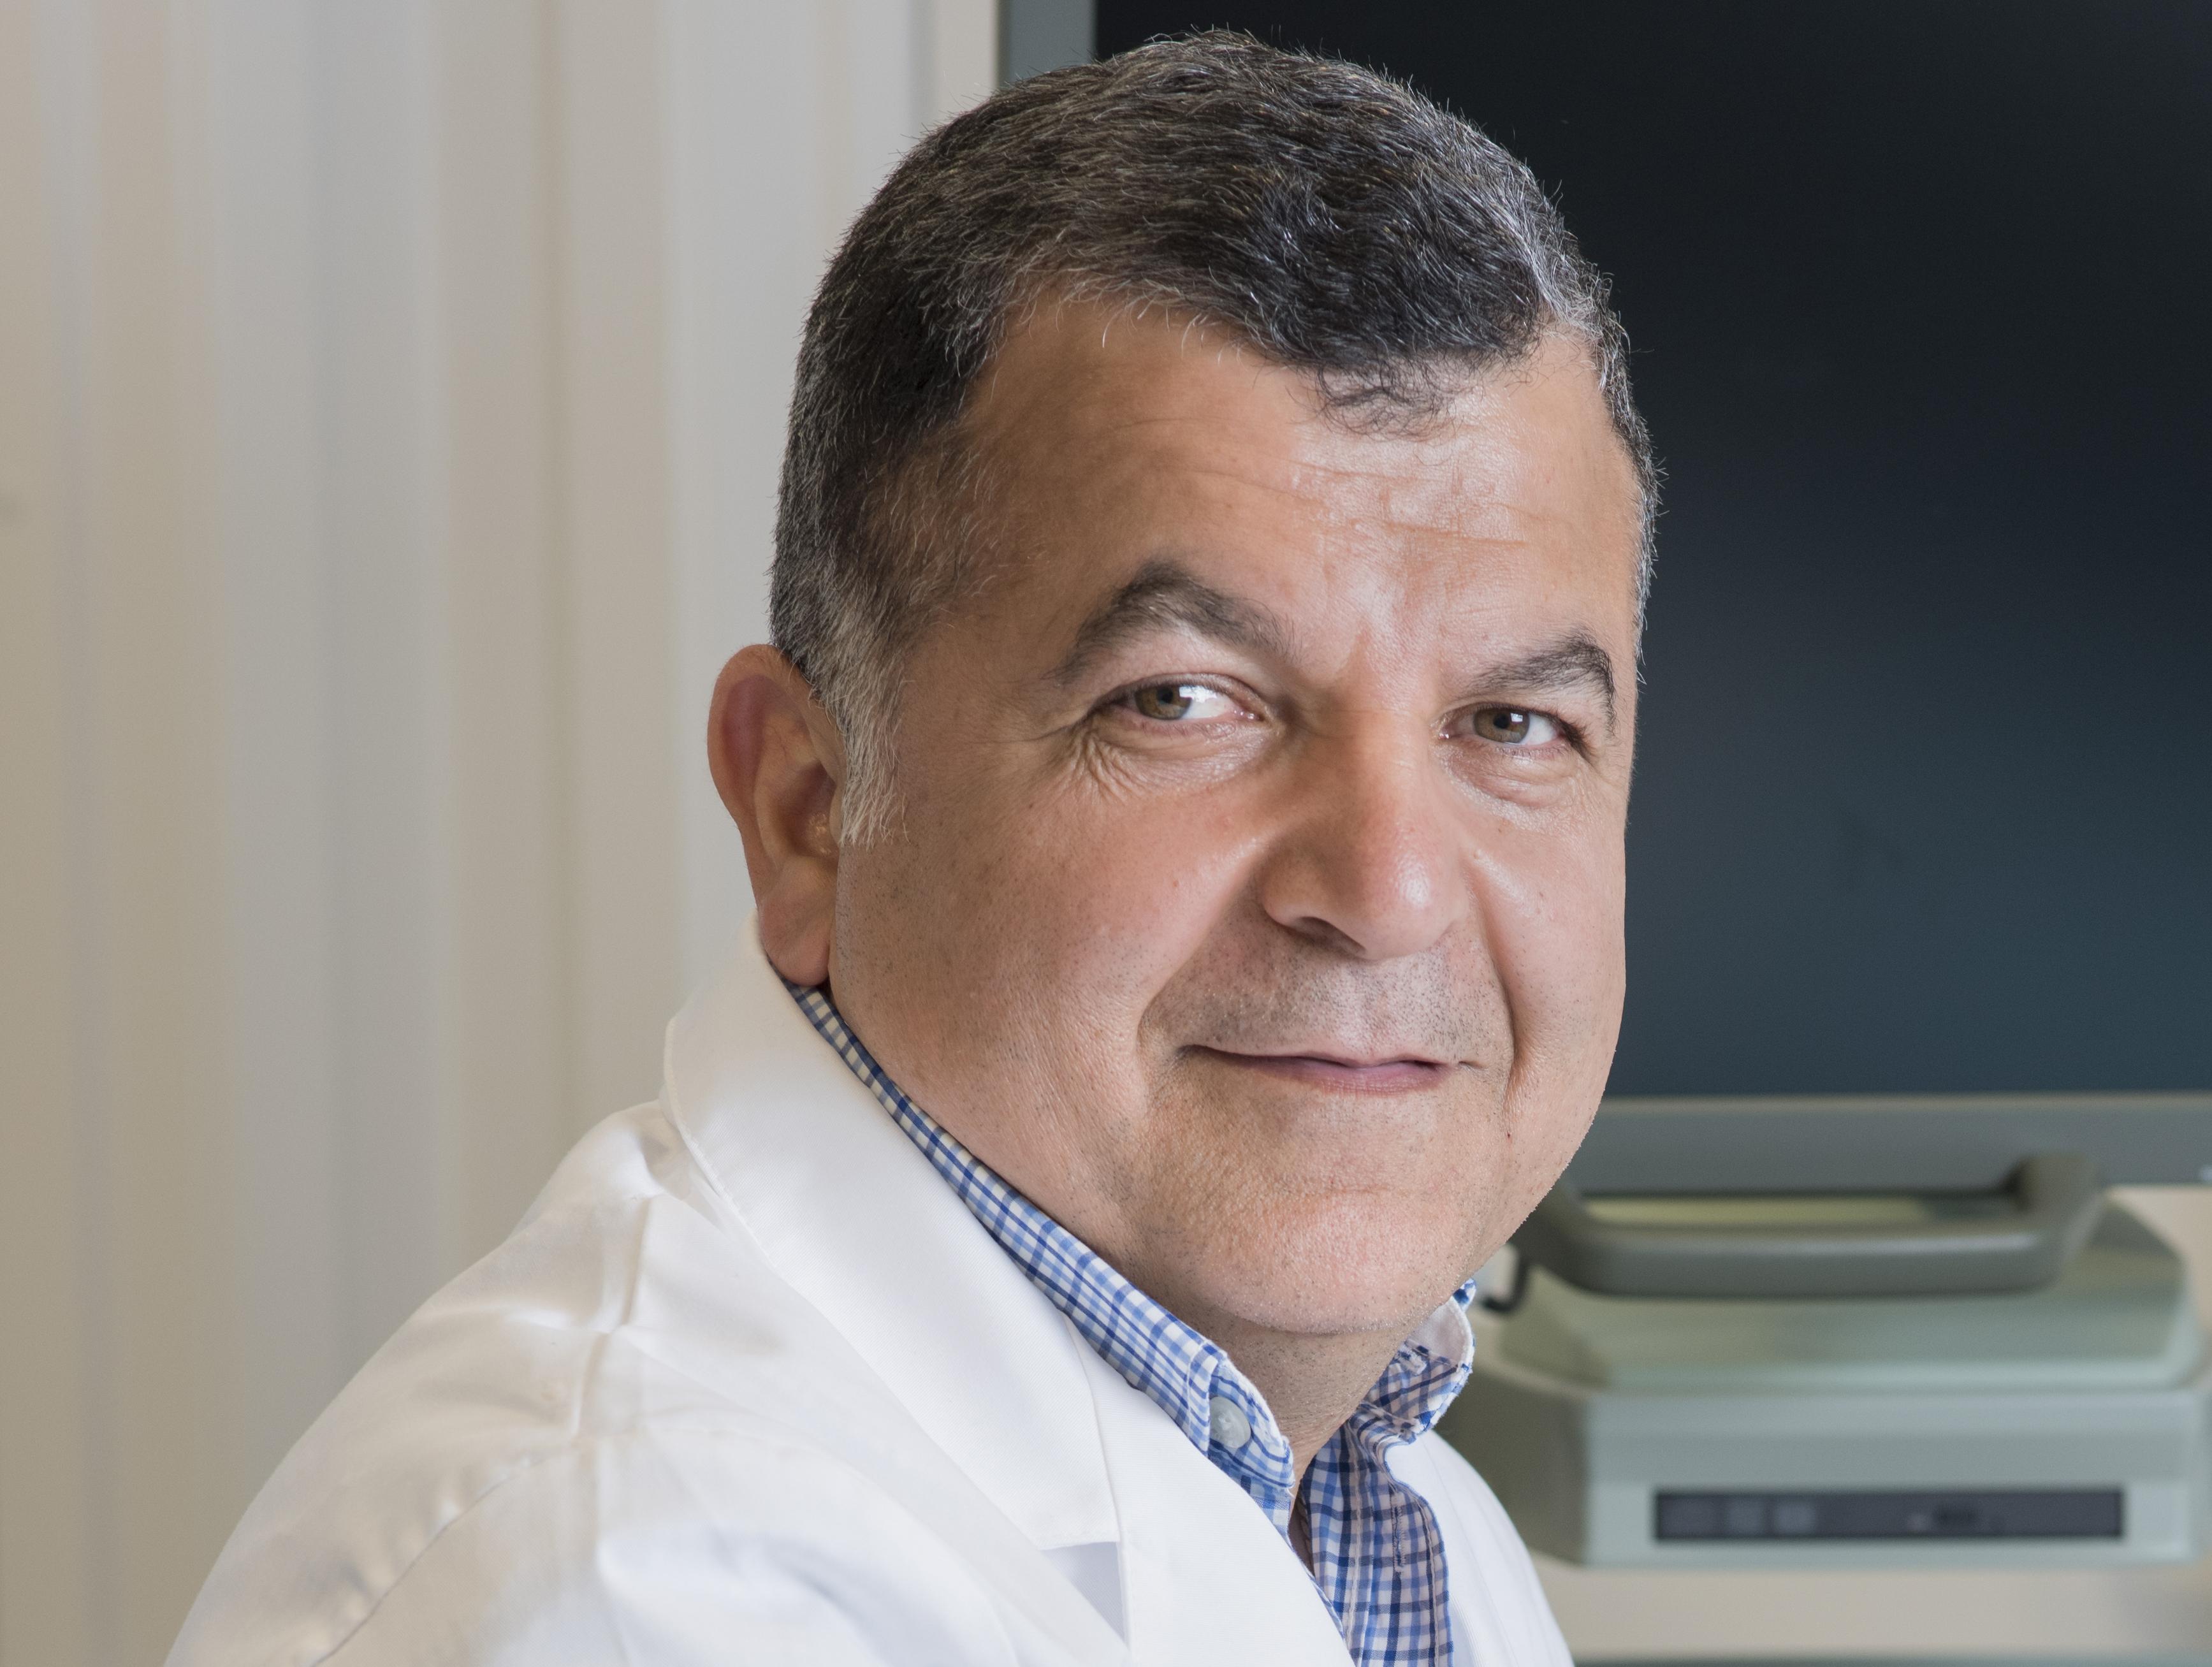 Jalil Davami - Urolog ved Collosseum Mann og overlege på urologisk avdeling på Ahus.